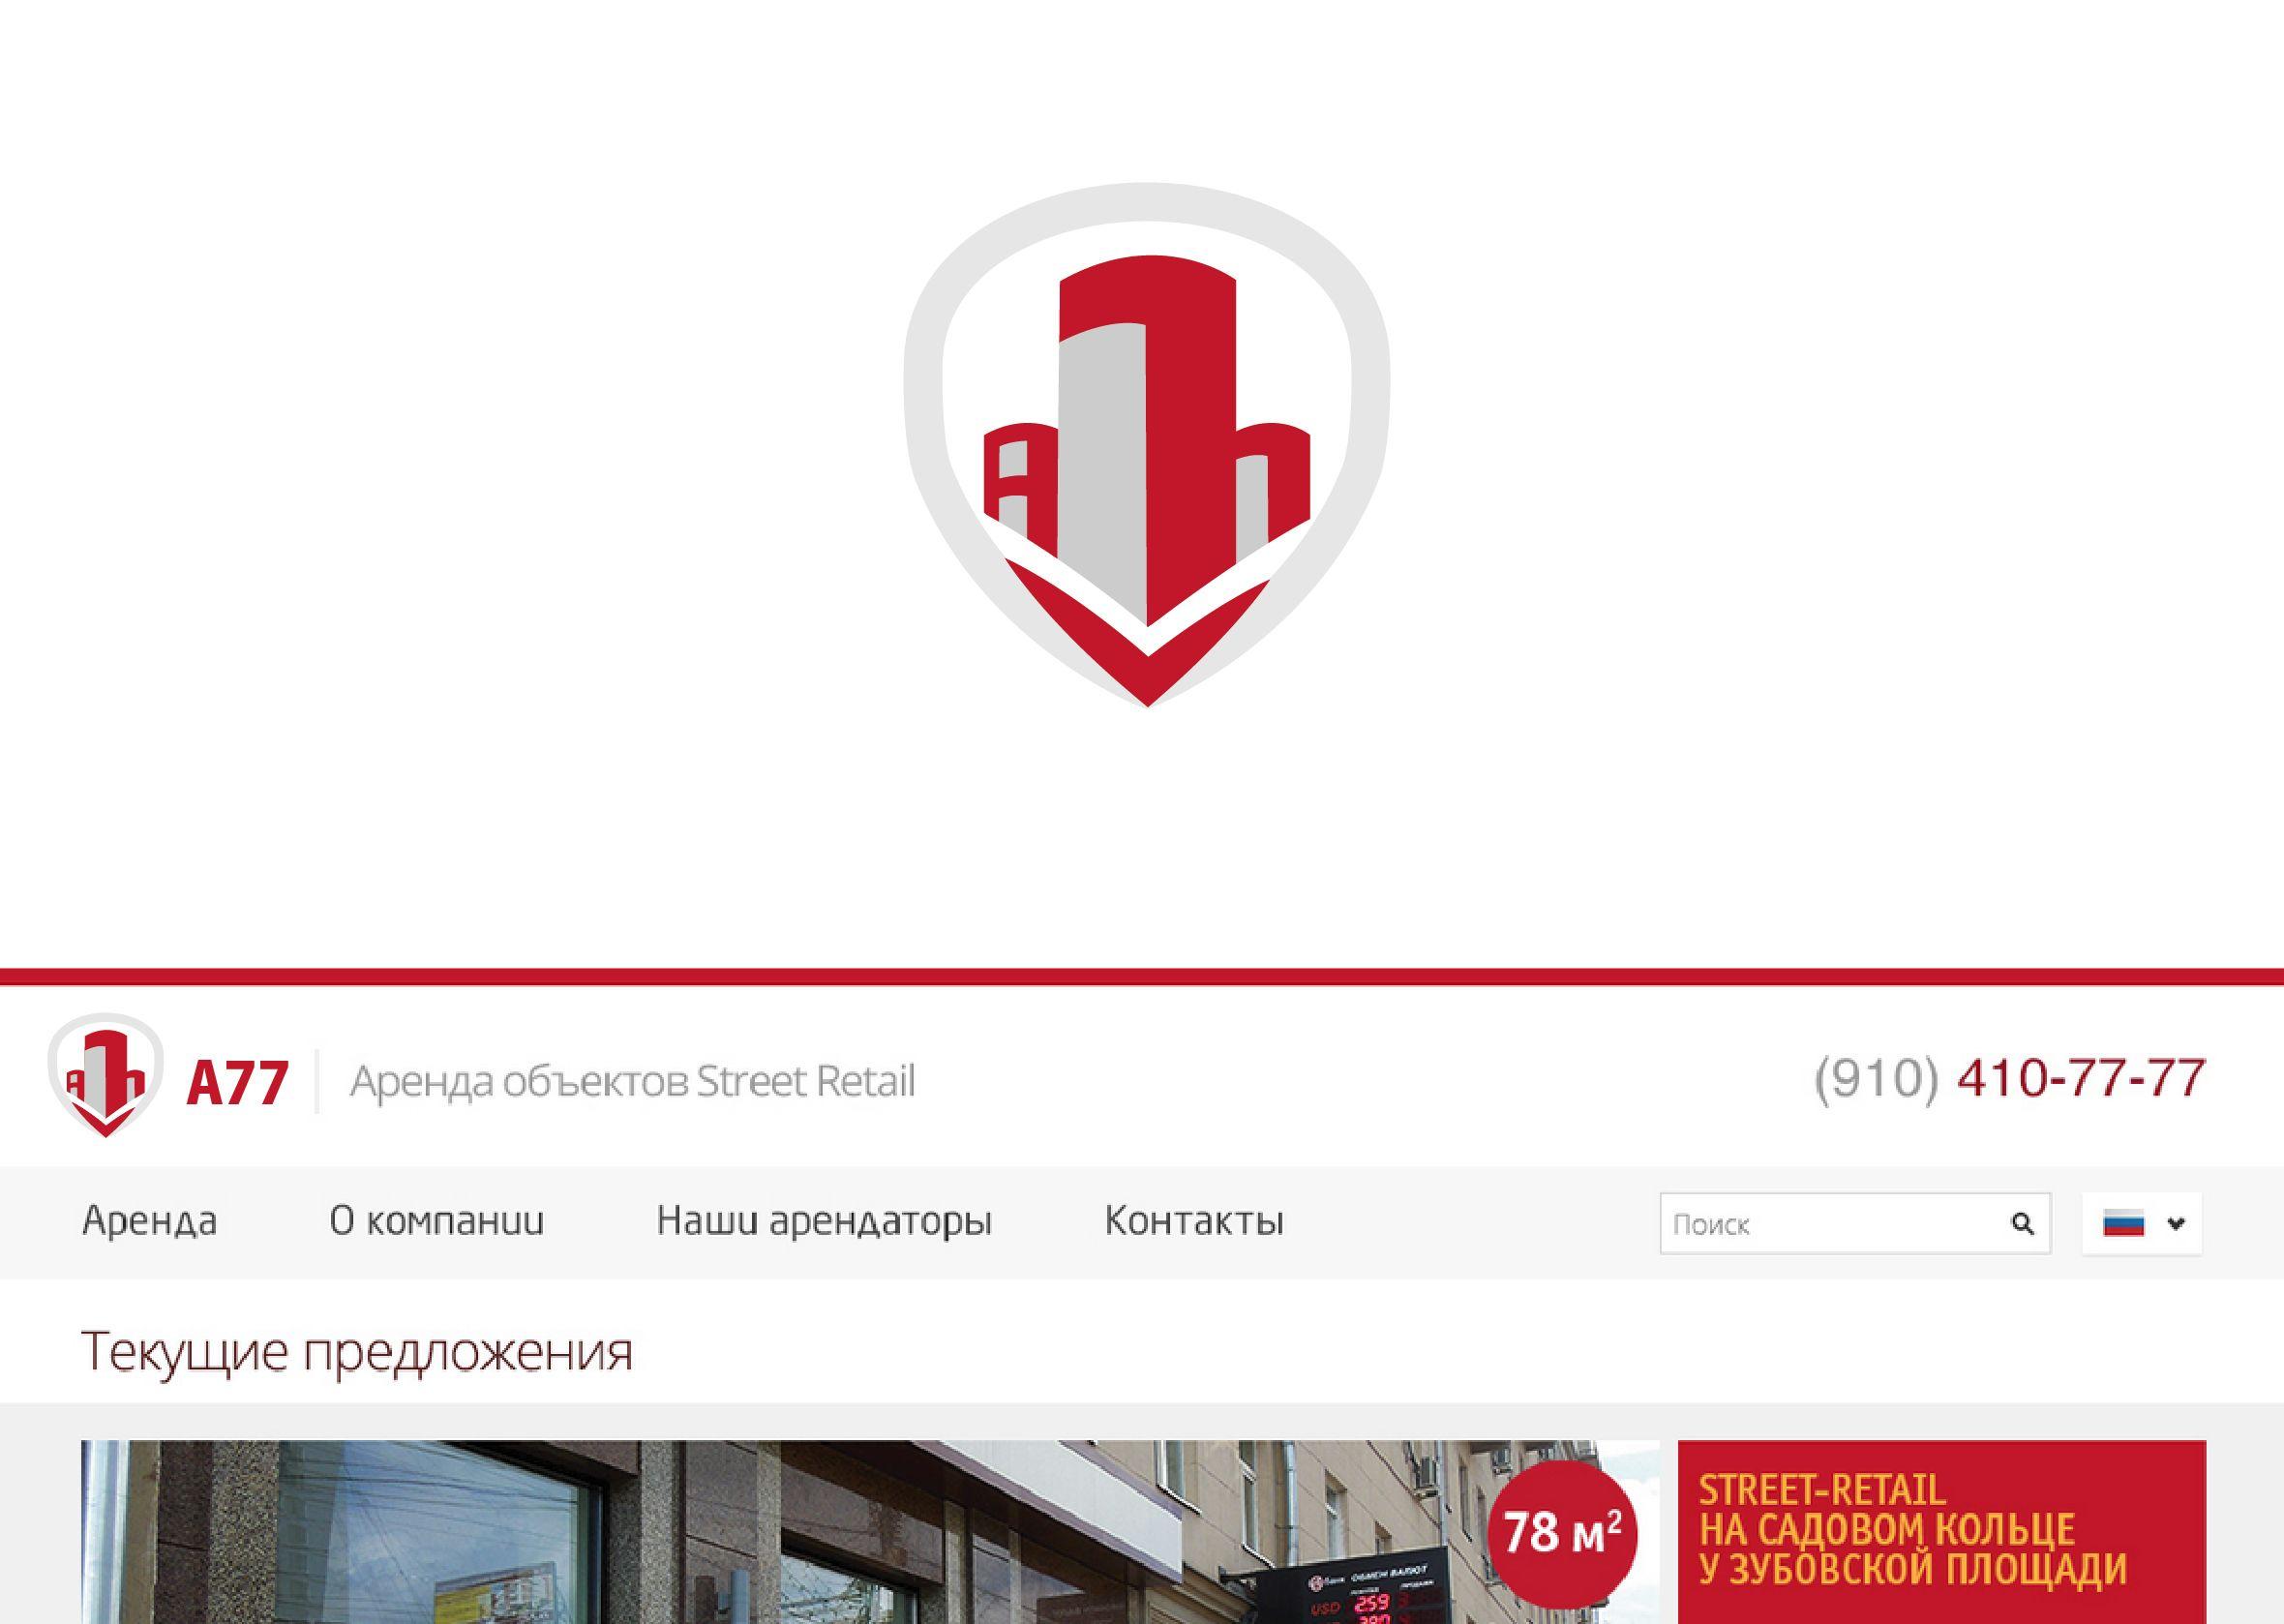 Лого для сайта по коммерческой недвижимости A77.RU - дизайнер zet333